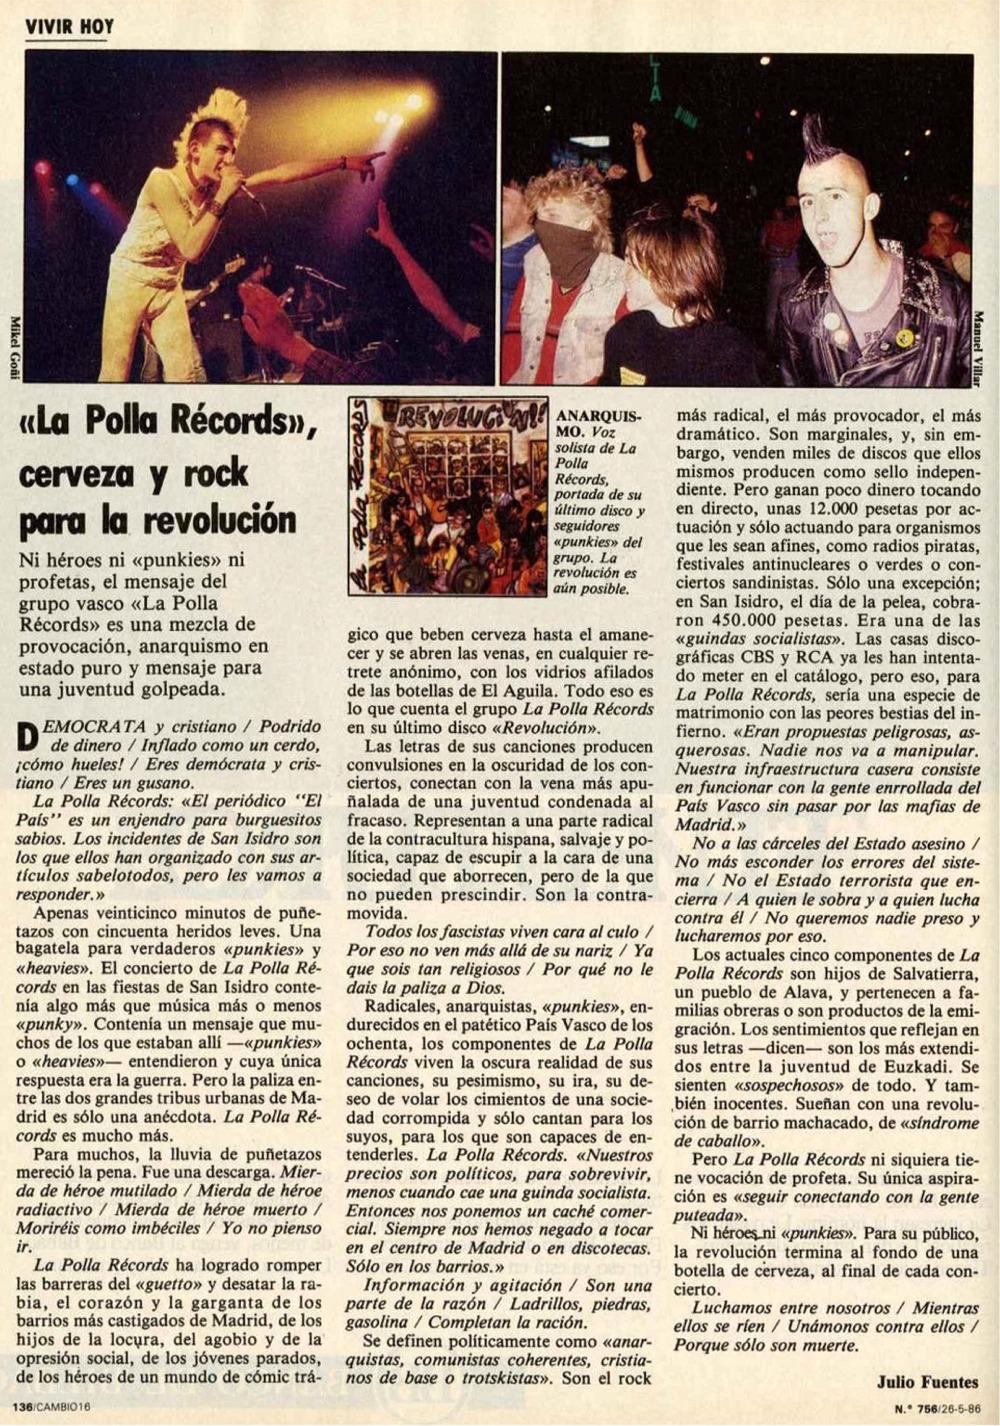 Reportaje sobre La Polla Records publicado el 26 de mayo de 1986 en Cambio 16